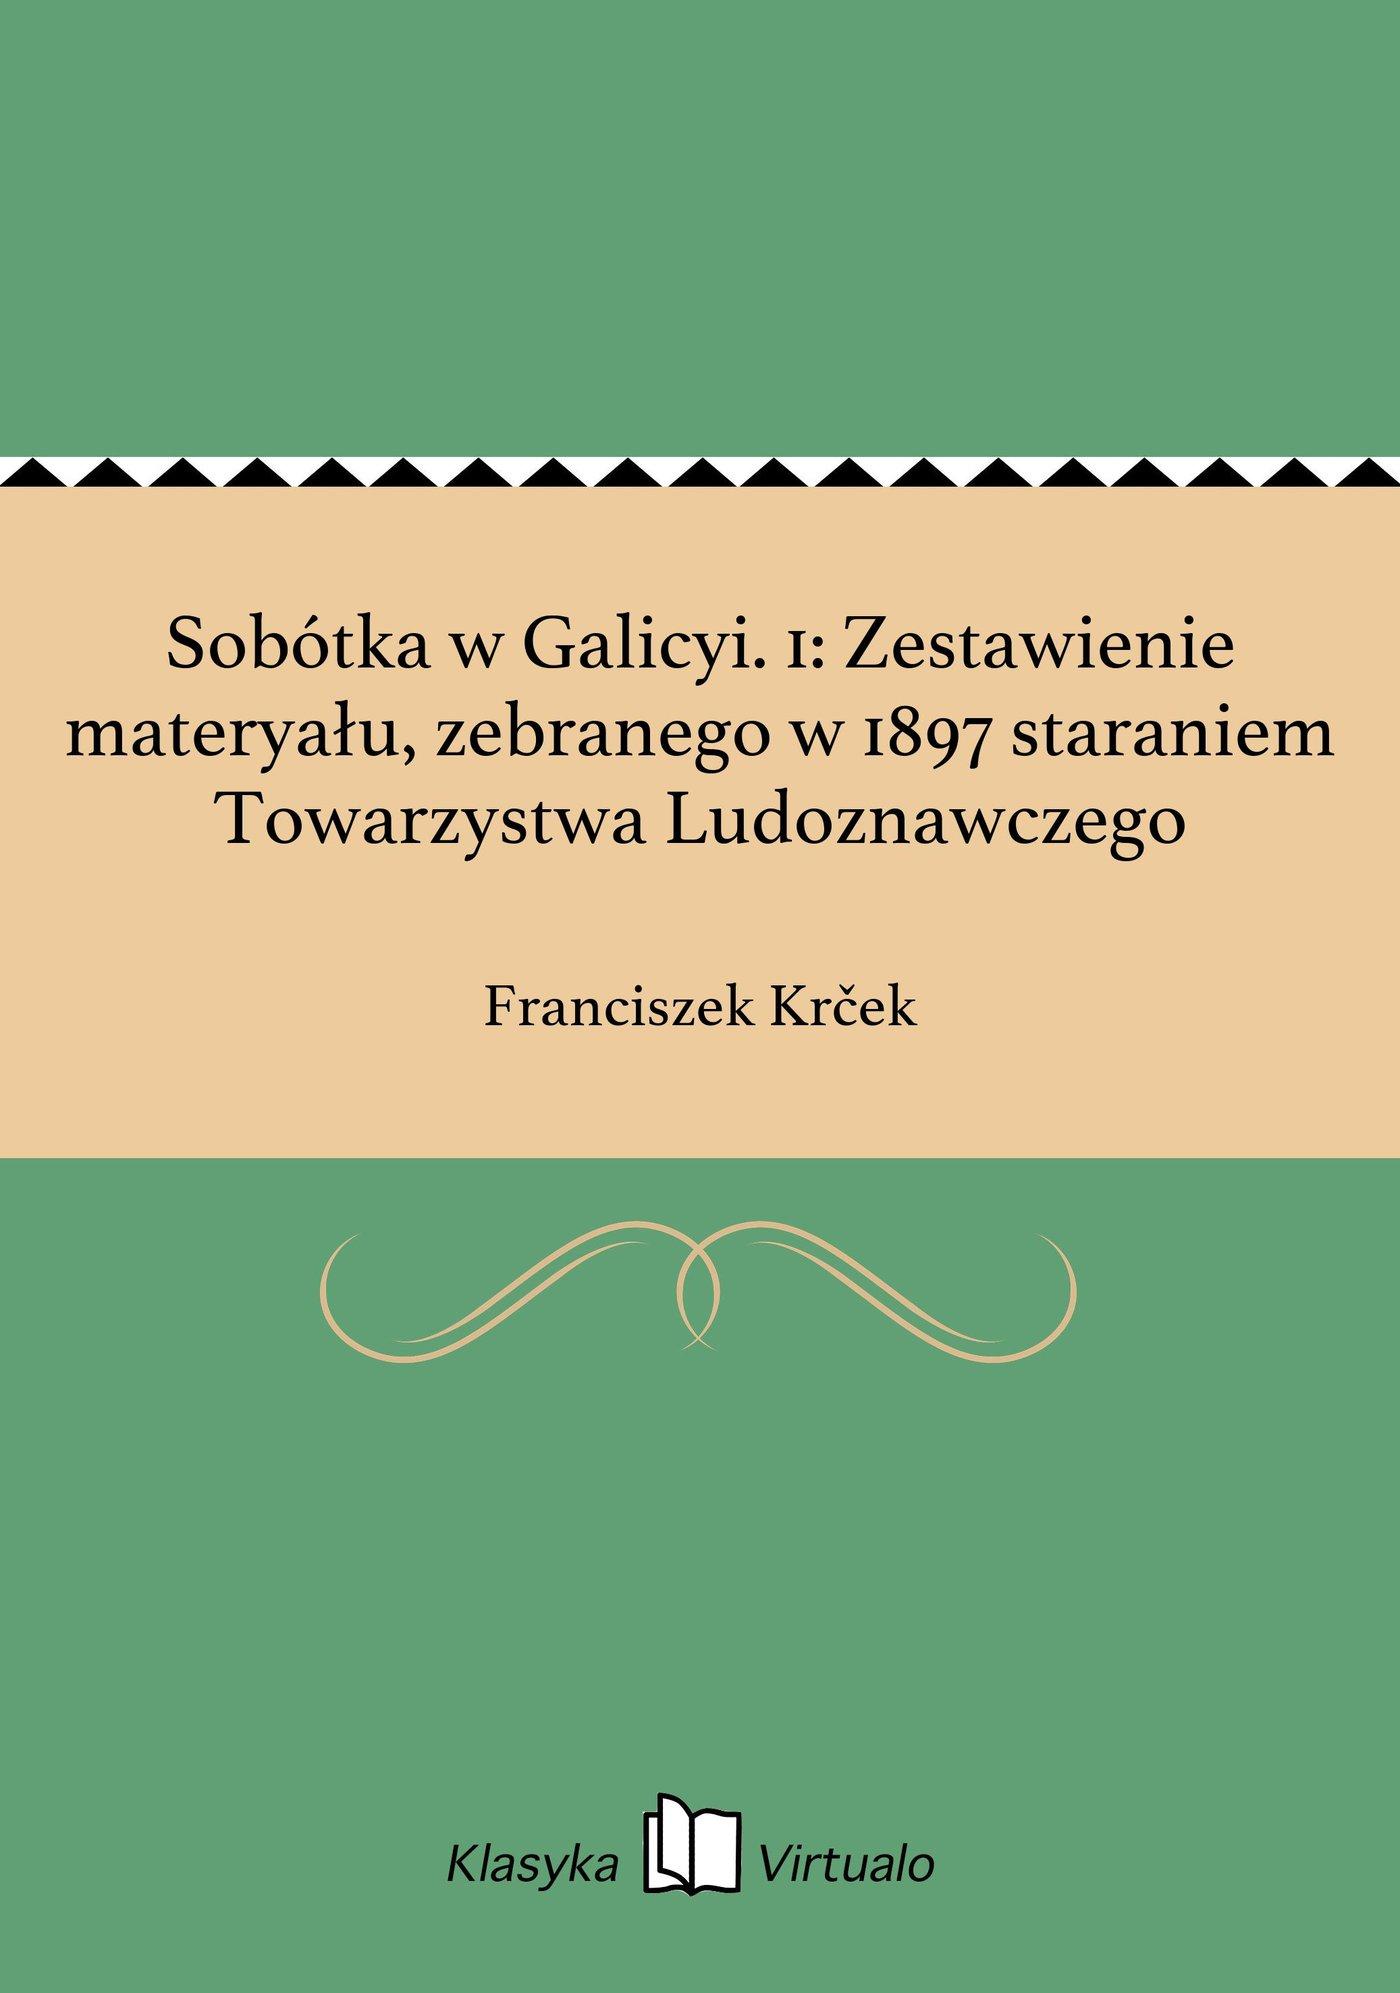 Sobótka w Galicyi. 1: Zestawienie materyału, zebranego w 1897 staraniem Towarzystwa Ludoznawczego - Ebook (Książka EPUB) do pobrania w formacie EPUB